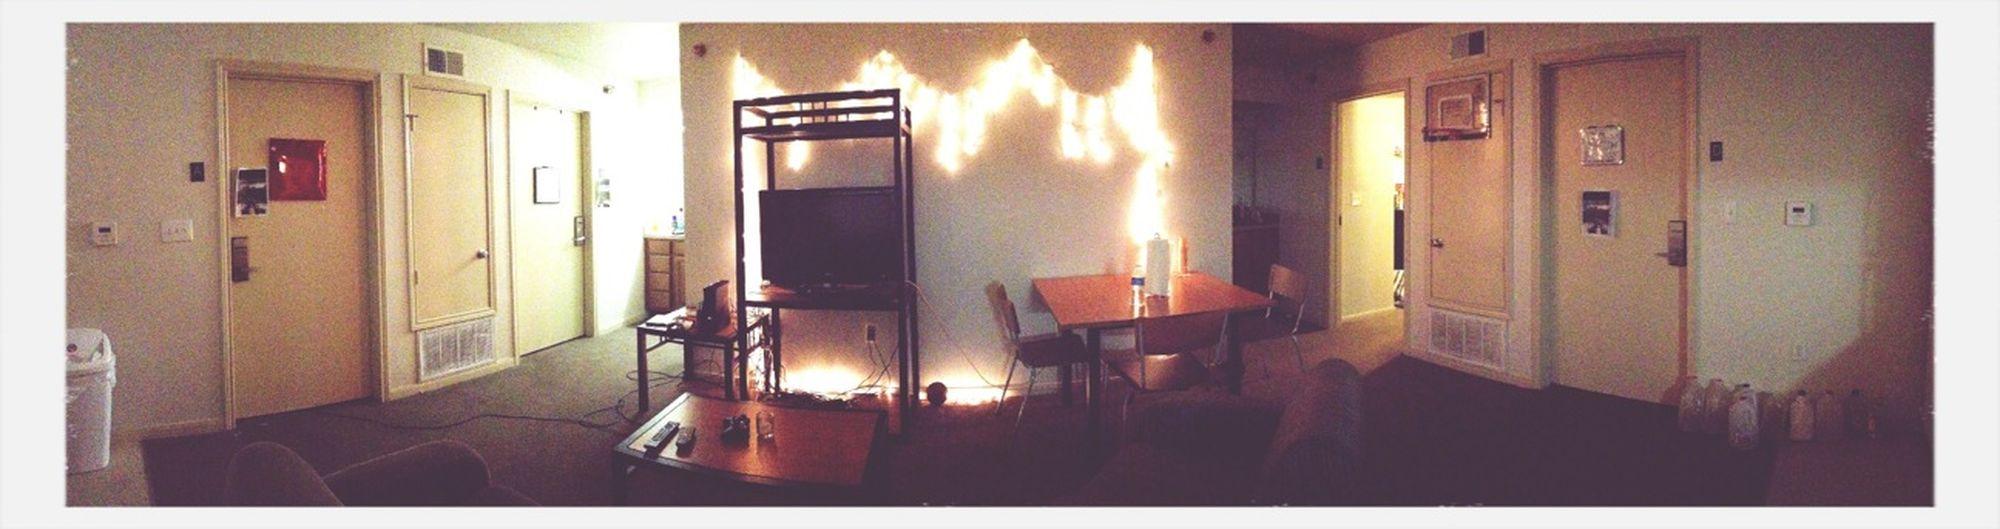 In My Dorm